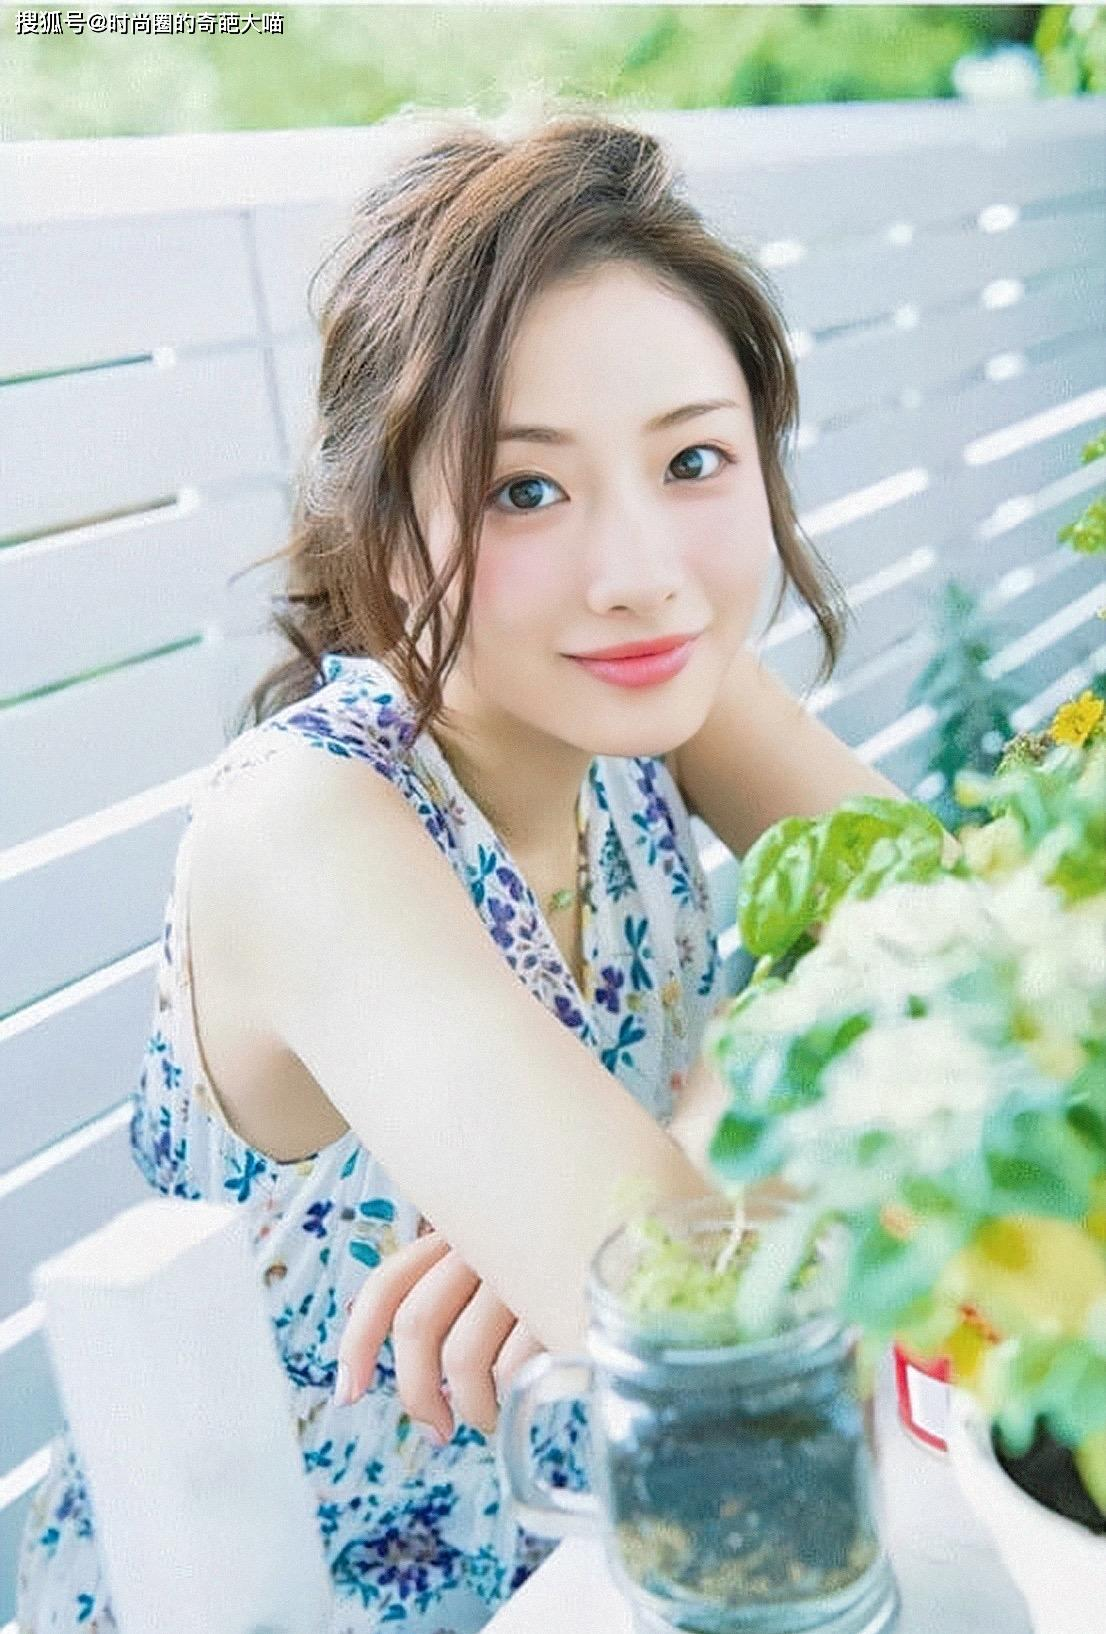 原创             日本冻龄术果然了得,52岁看着和90后似的,柔嫩紧致赢同龄人太多